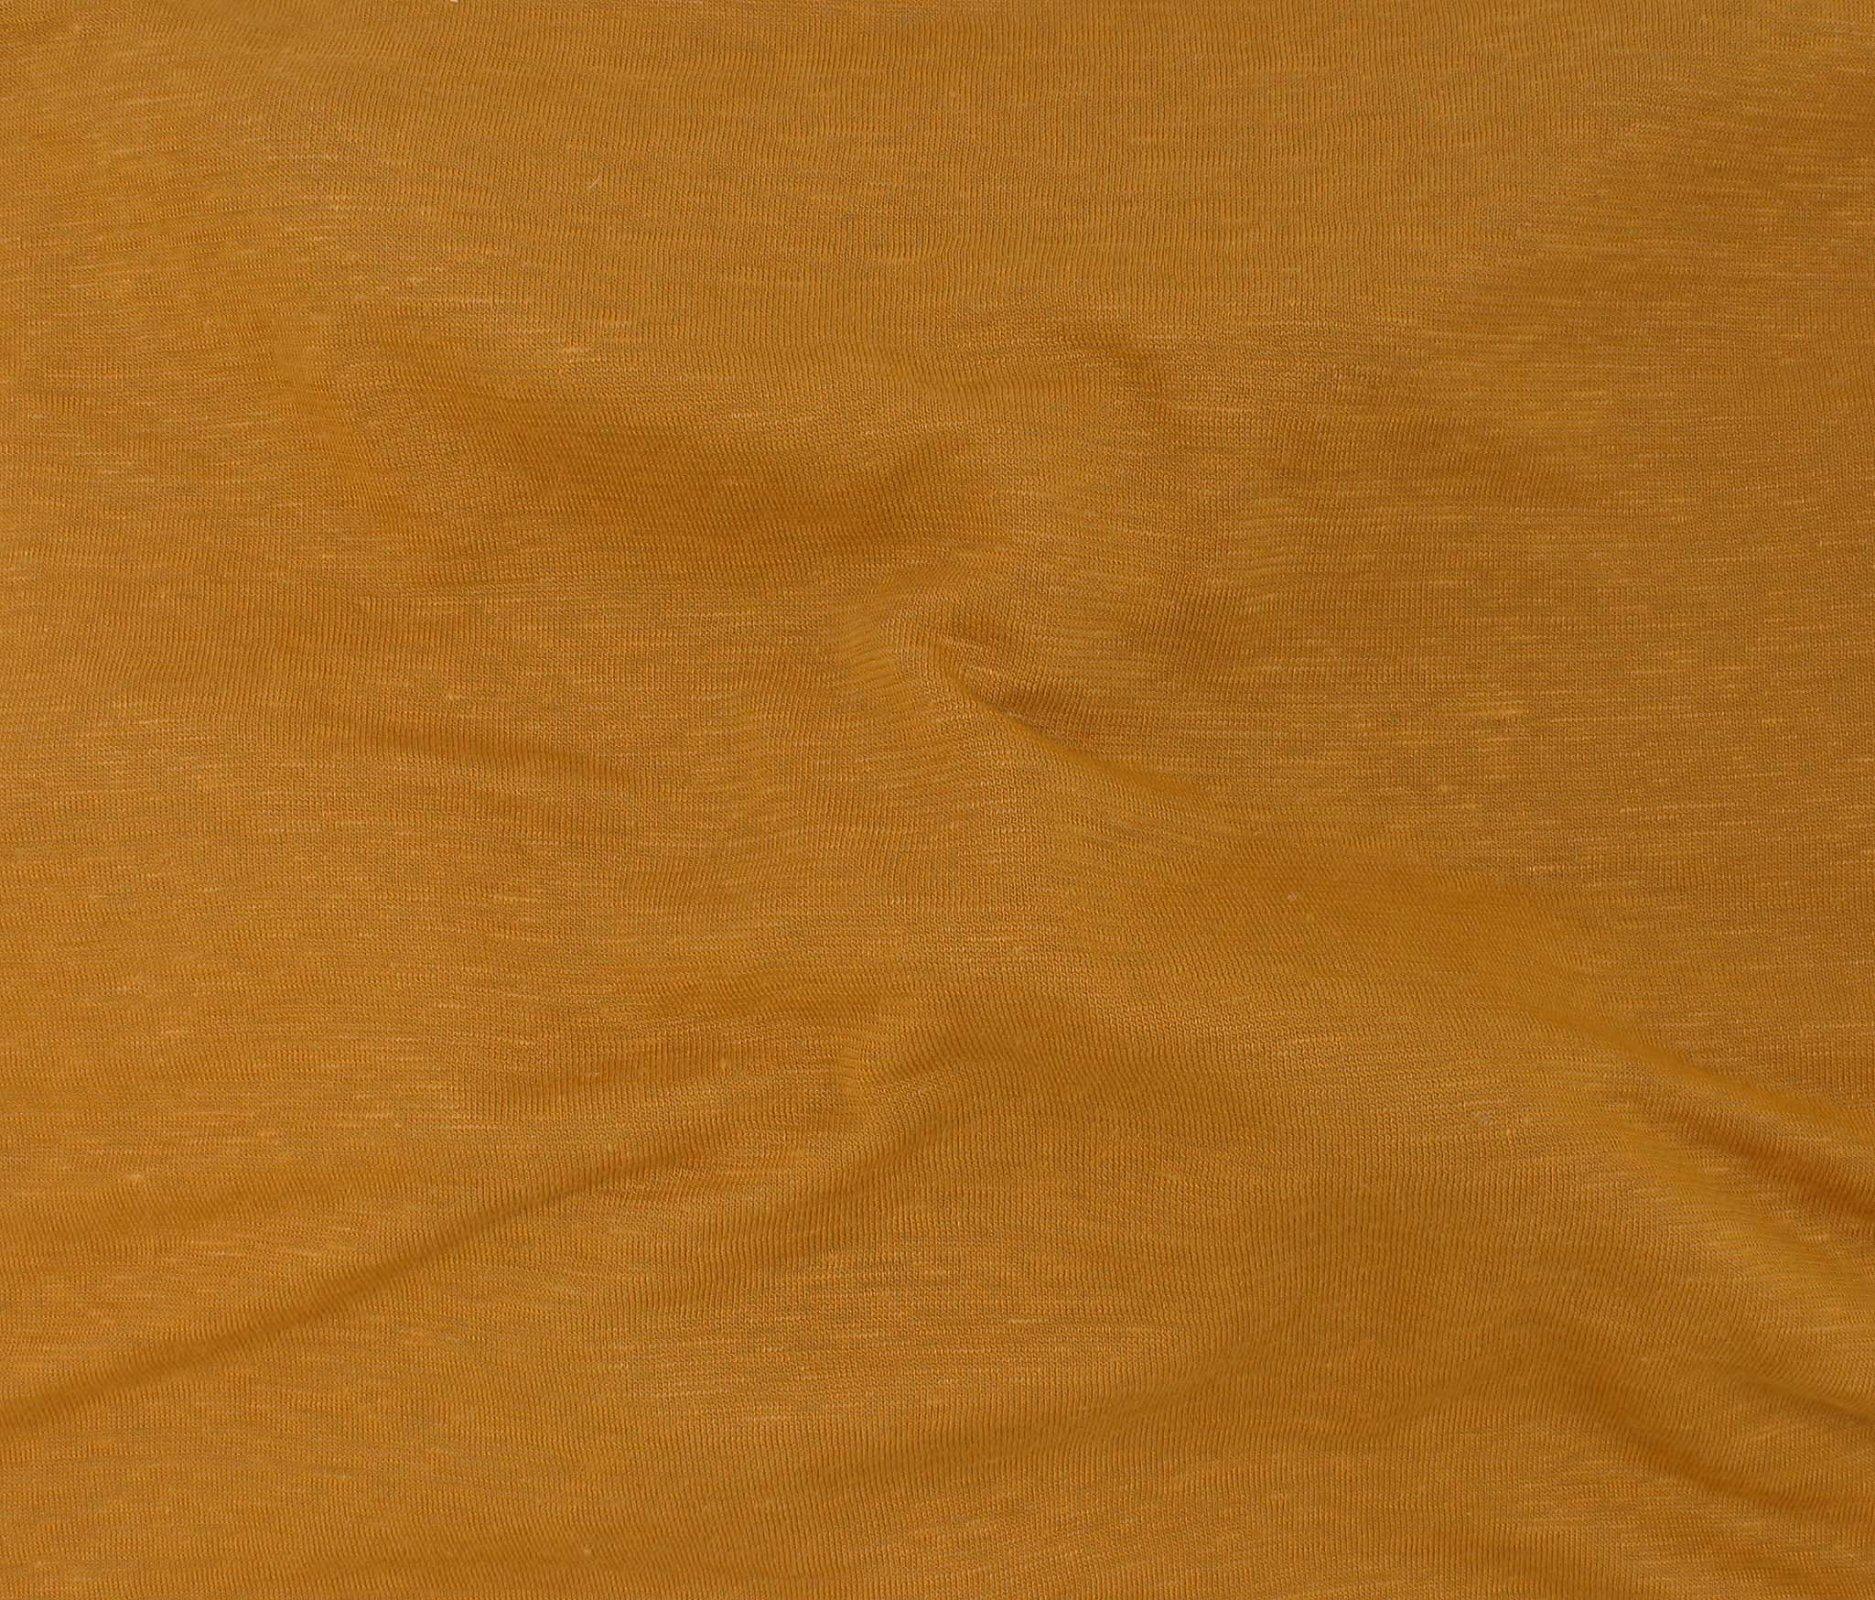 Bamboo/Linen Knit - Mustard